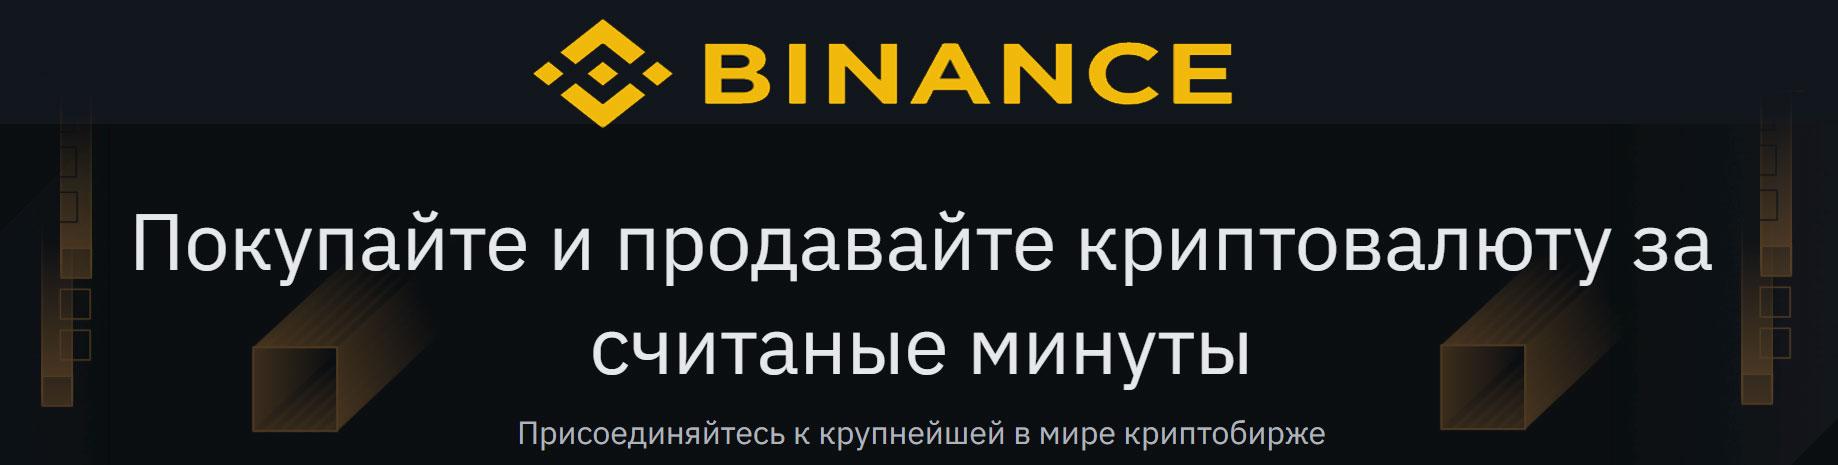 Binance биржа официальный русский